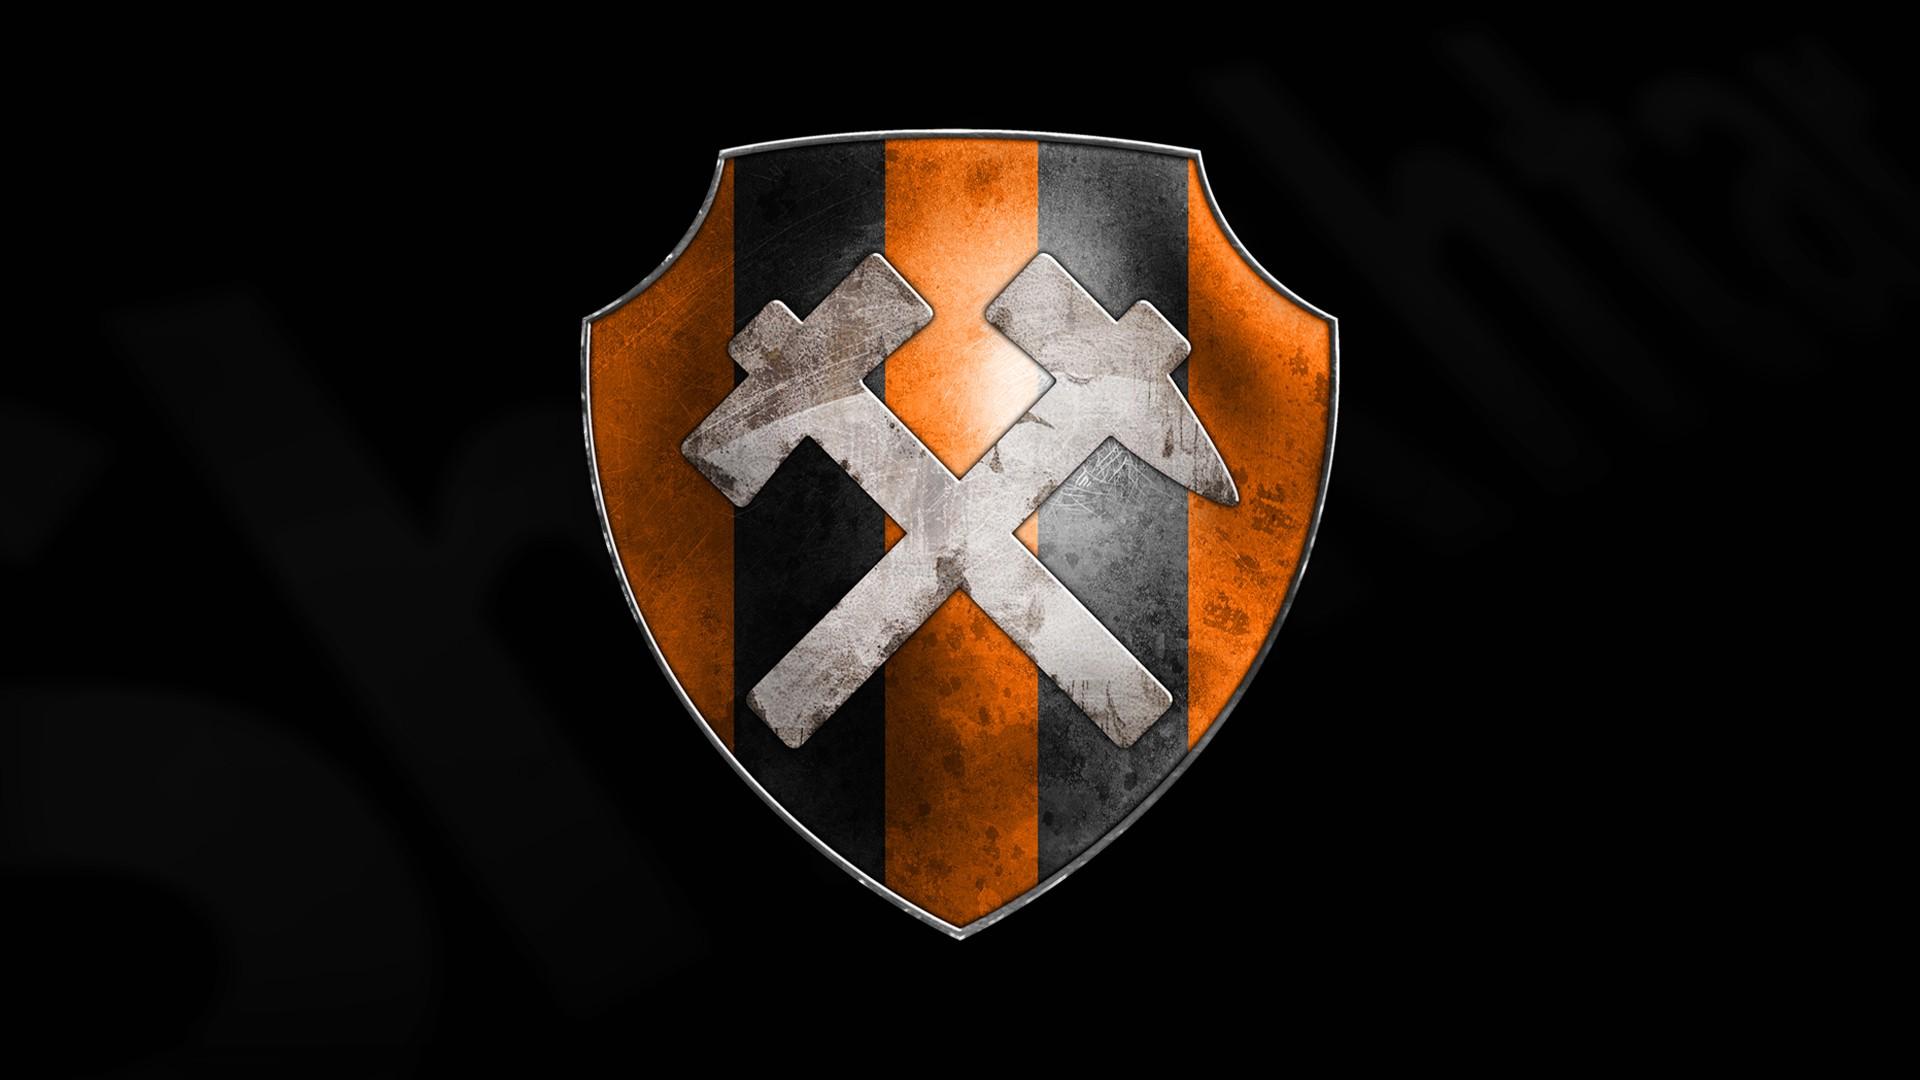 Un escudo de guerra - 1920x1080